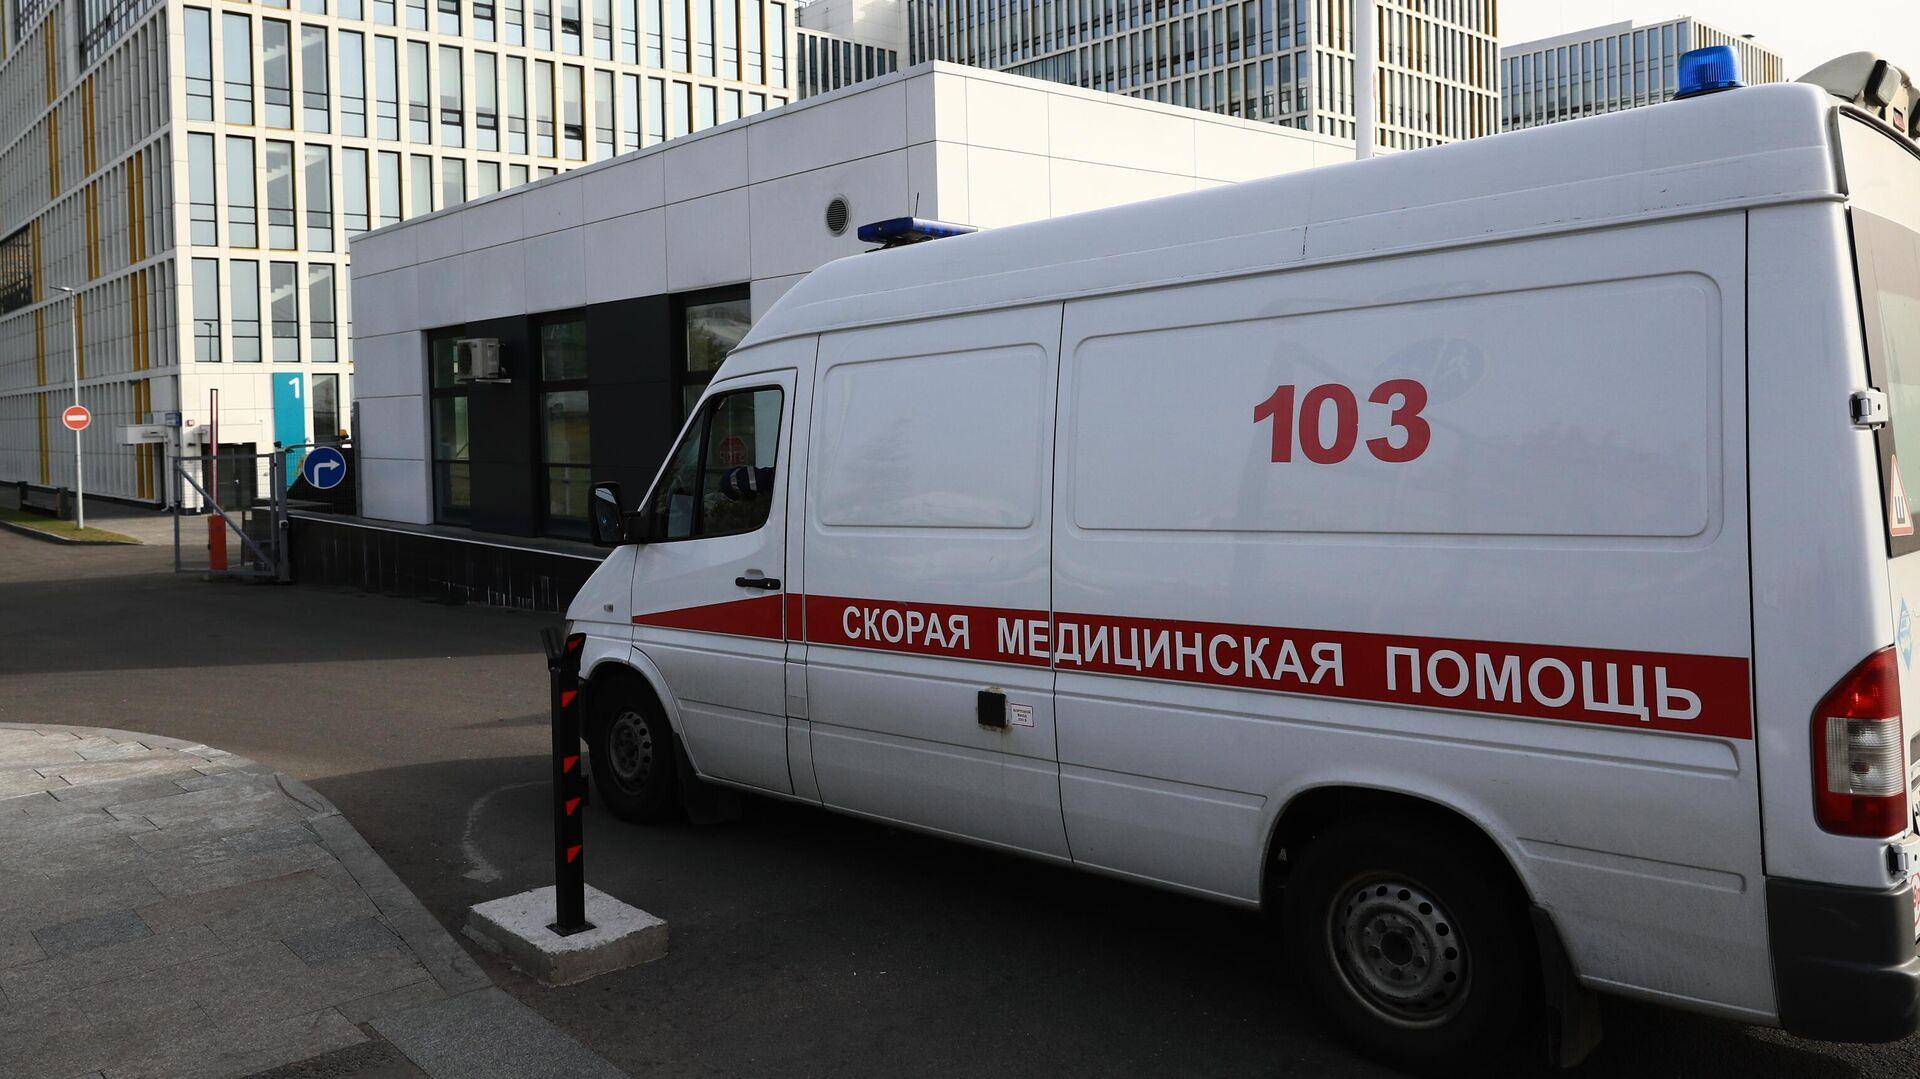 Машина скорой медицинской помощи возле карантинного центра в Коммунарке - РИА Новости, 1920, 27.11.2020